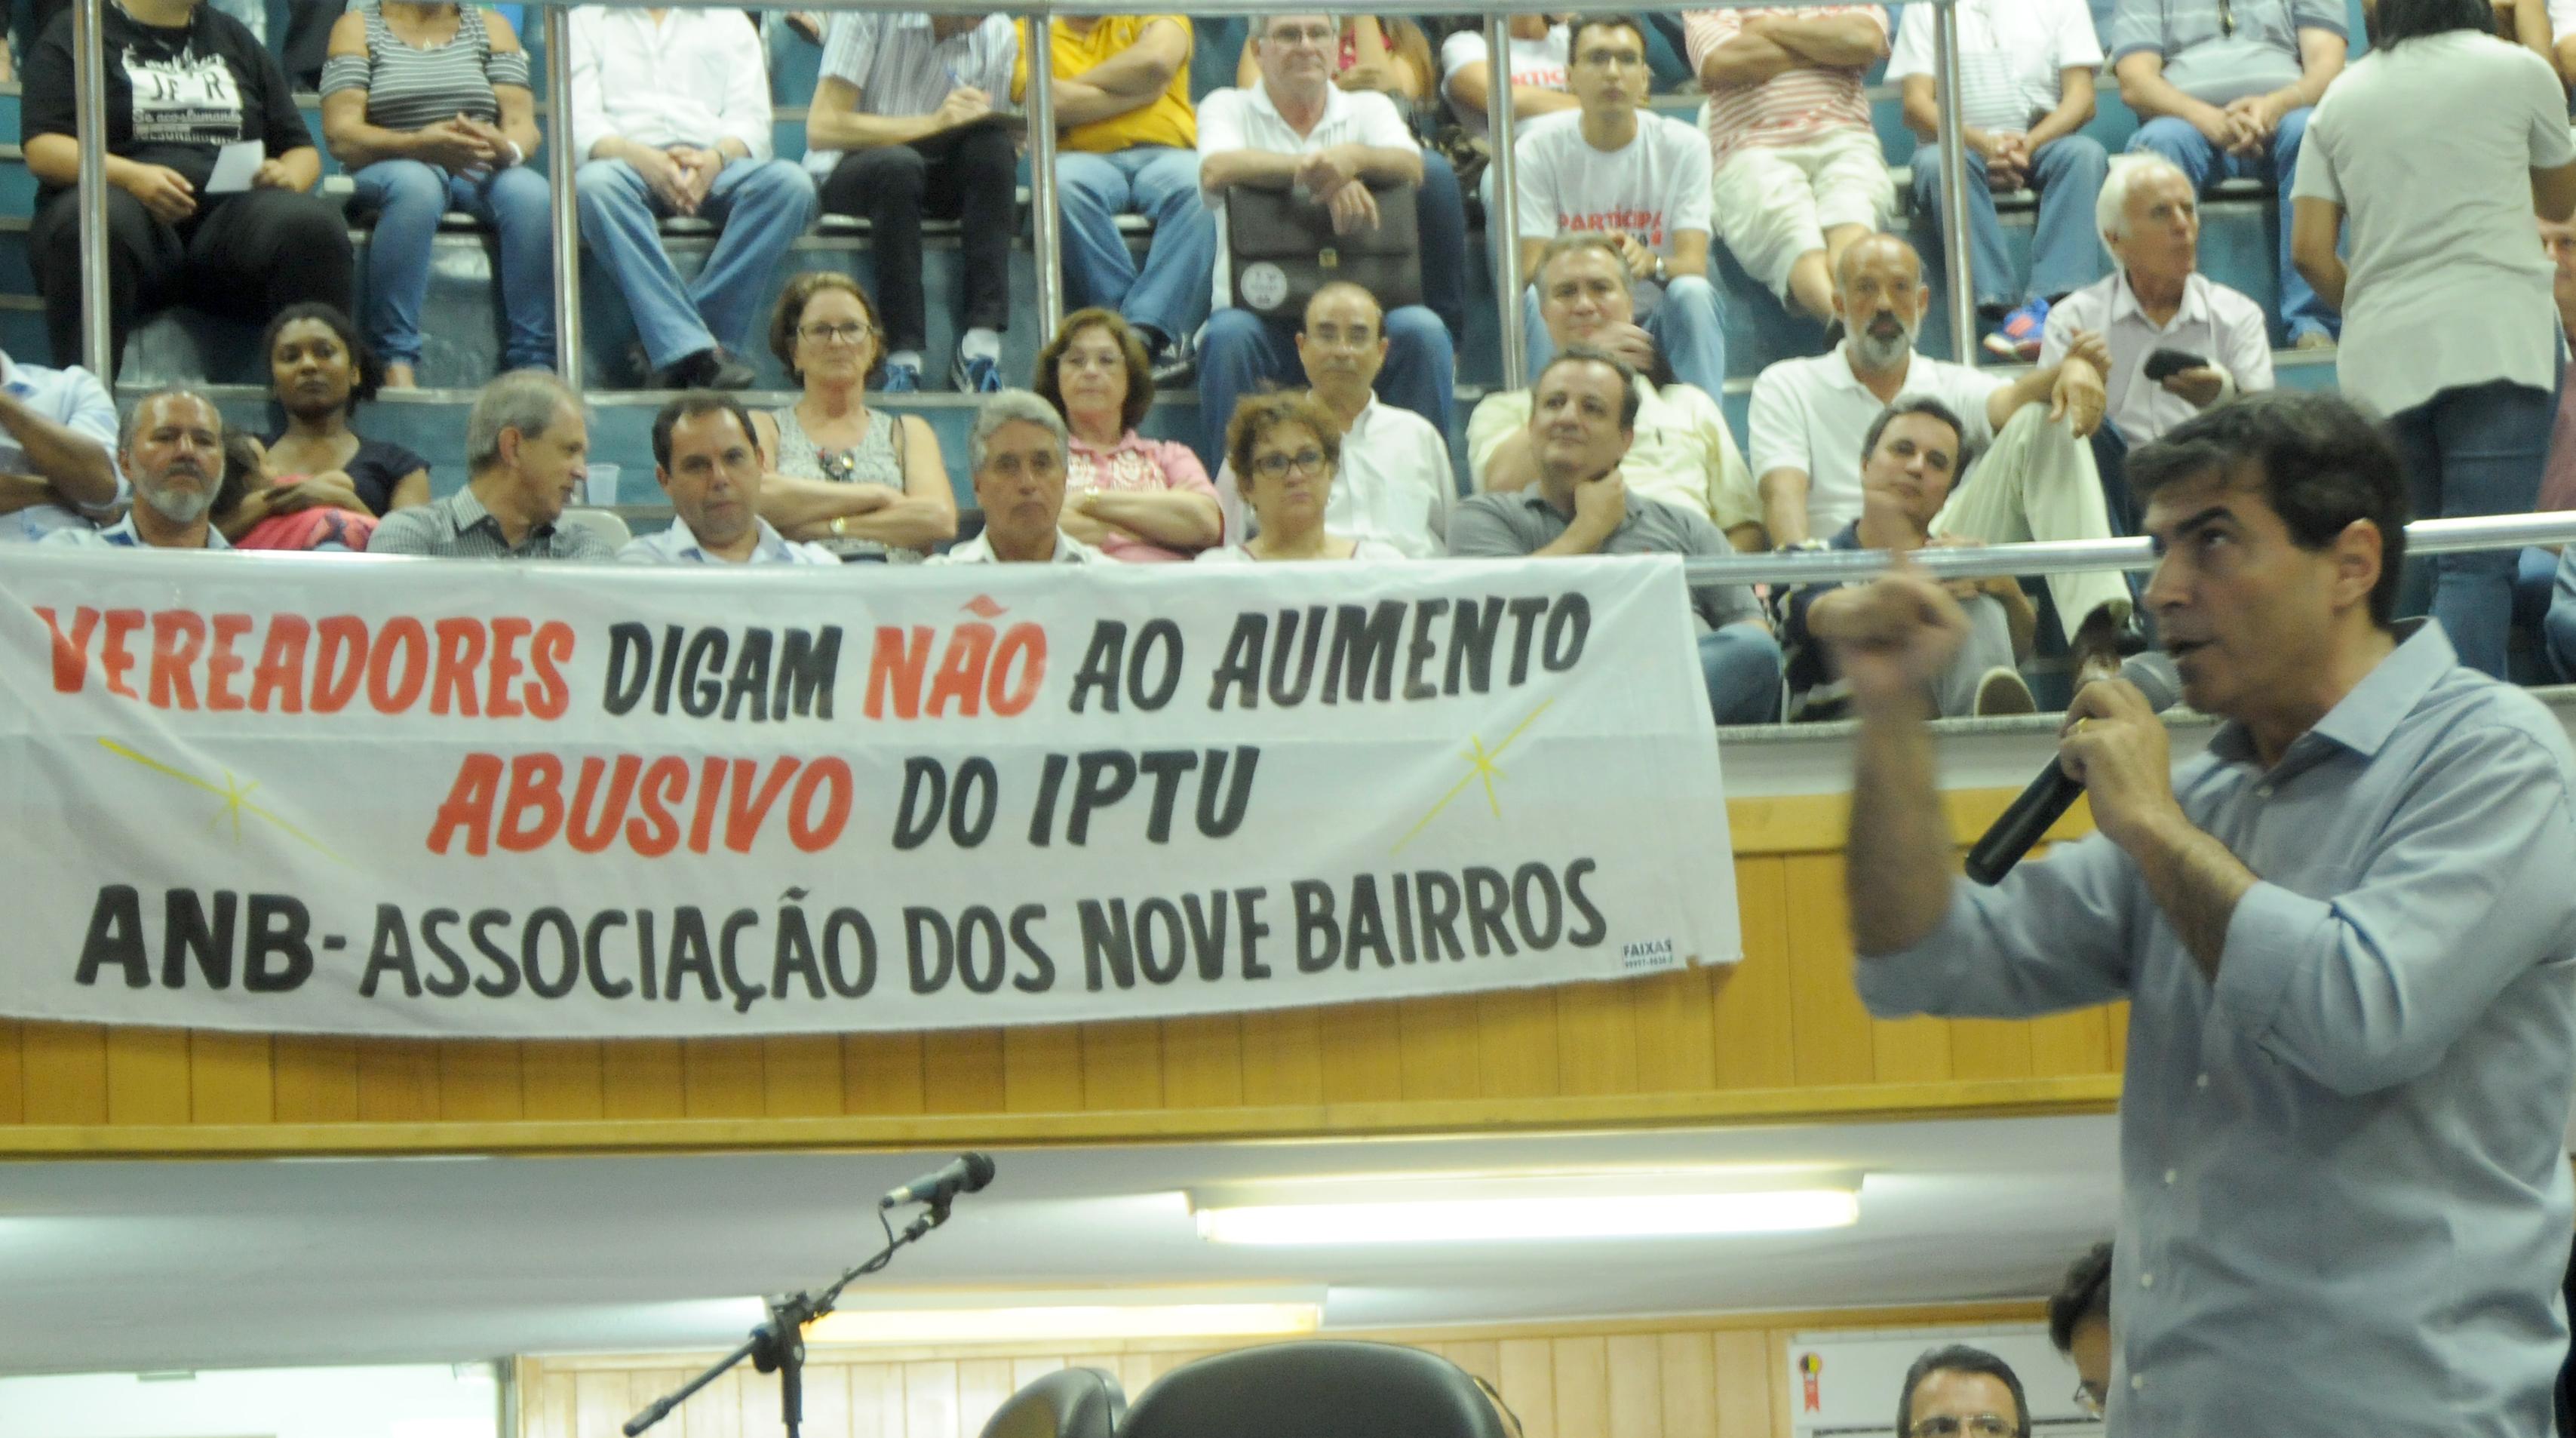 Mais de 300 pessoas lotaram o plenário e galerias da Câmara na noite desta segunda, durante audiência coordenada pelo Legislativo para debater proposta  que atualiza o IPTU. O prefeito Marcelo Belinati deu início à apresentação da proposta, seguido pelo secretário de Fazenda, Edson de Souza.